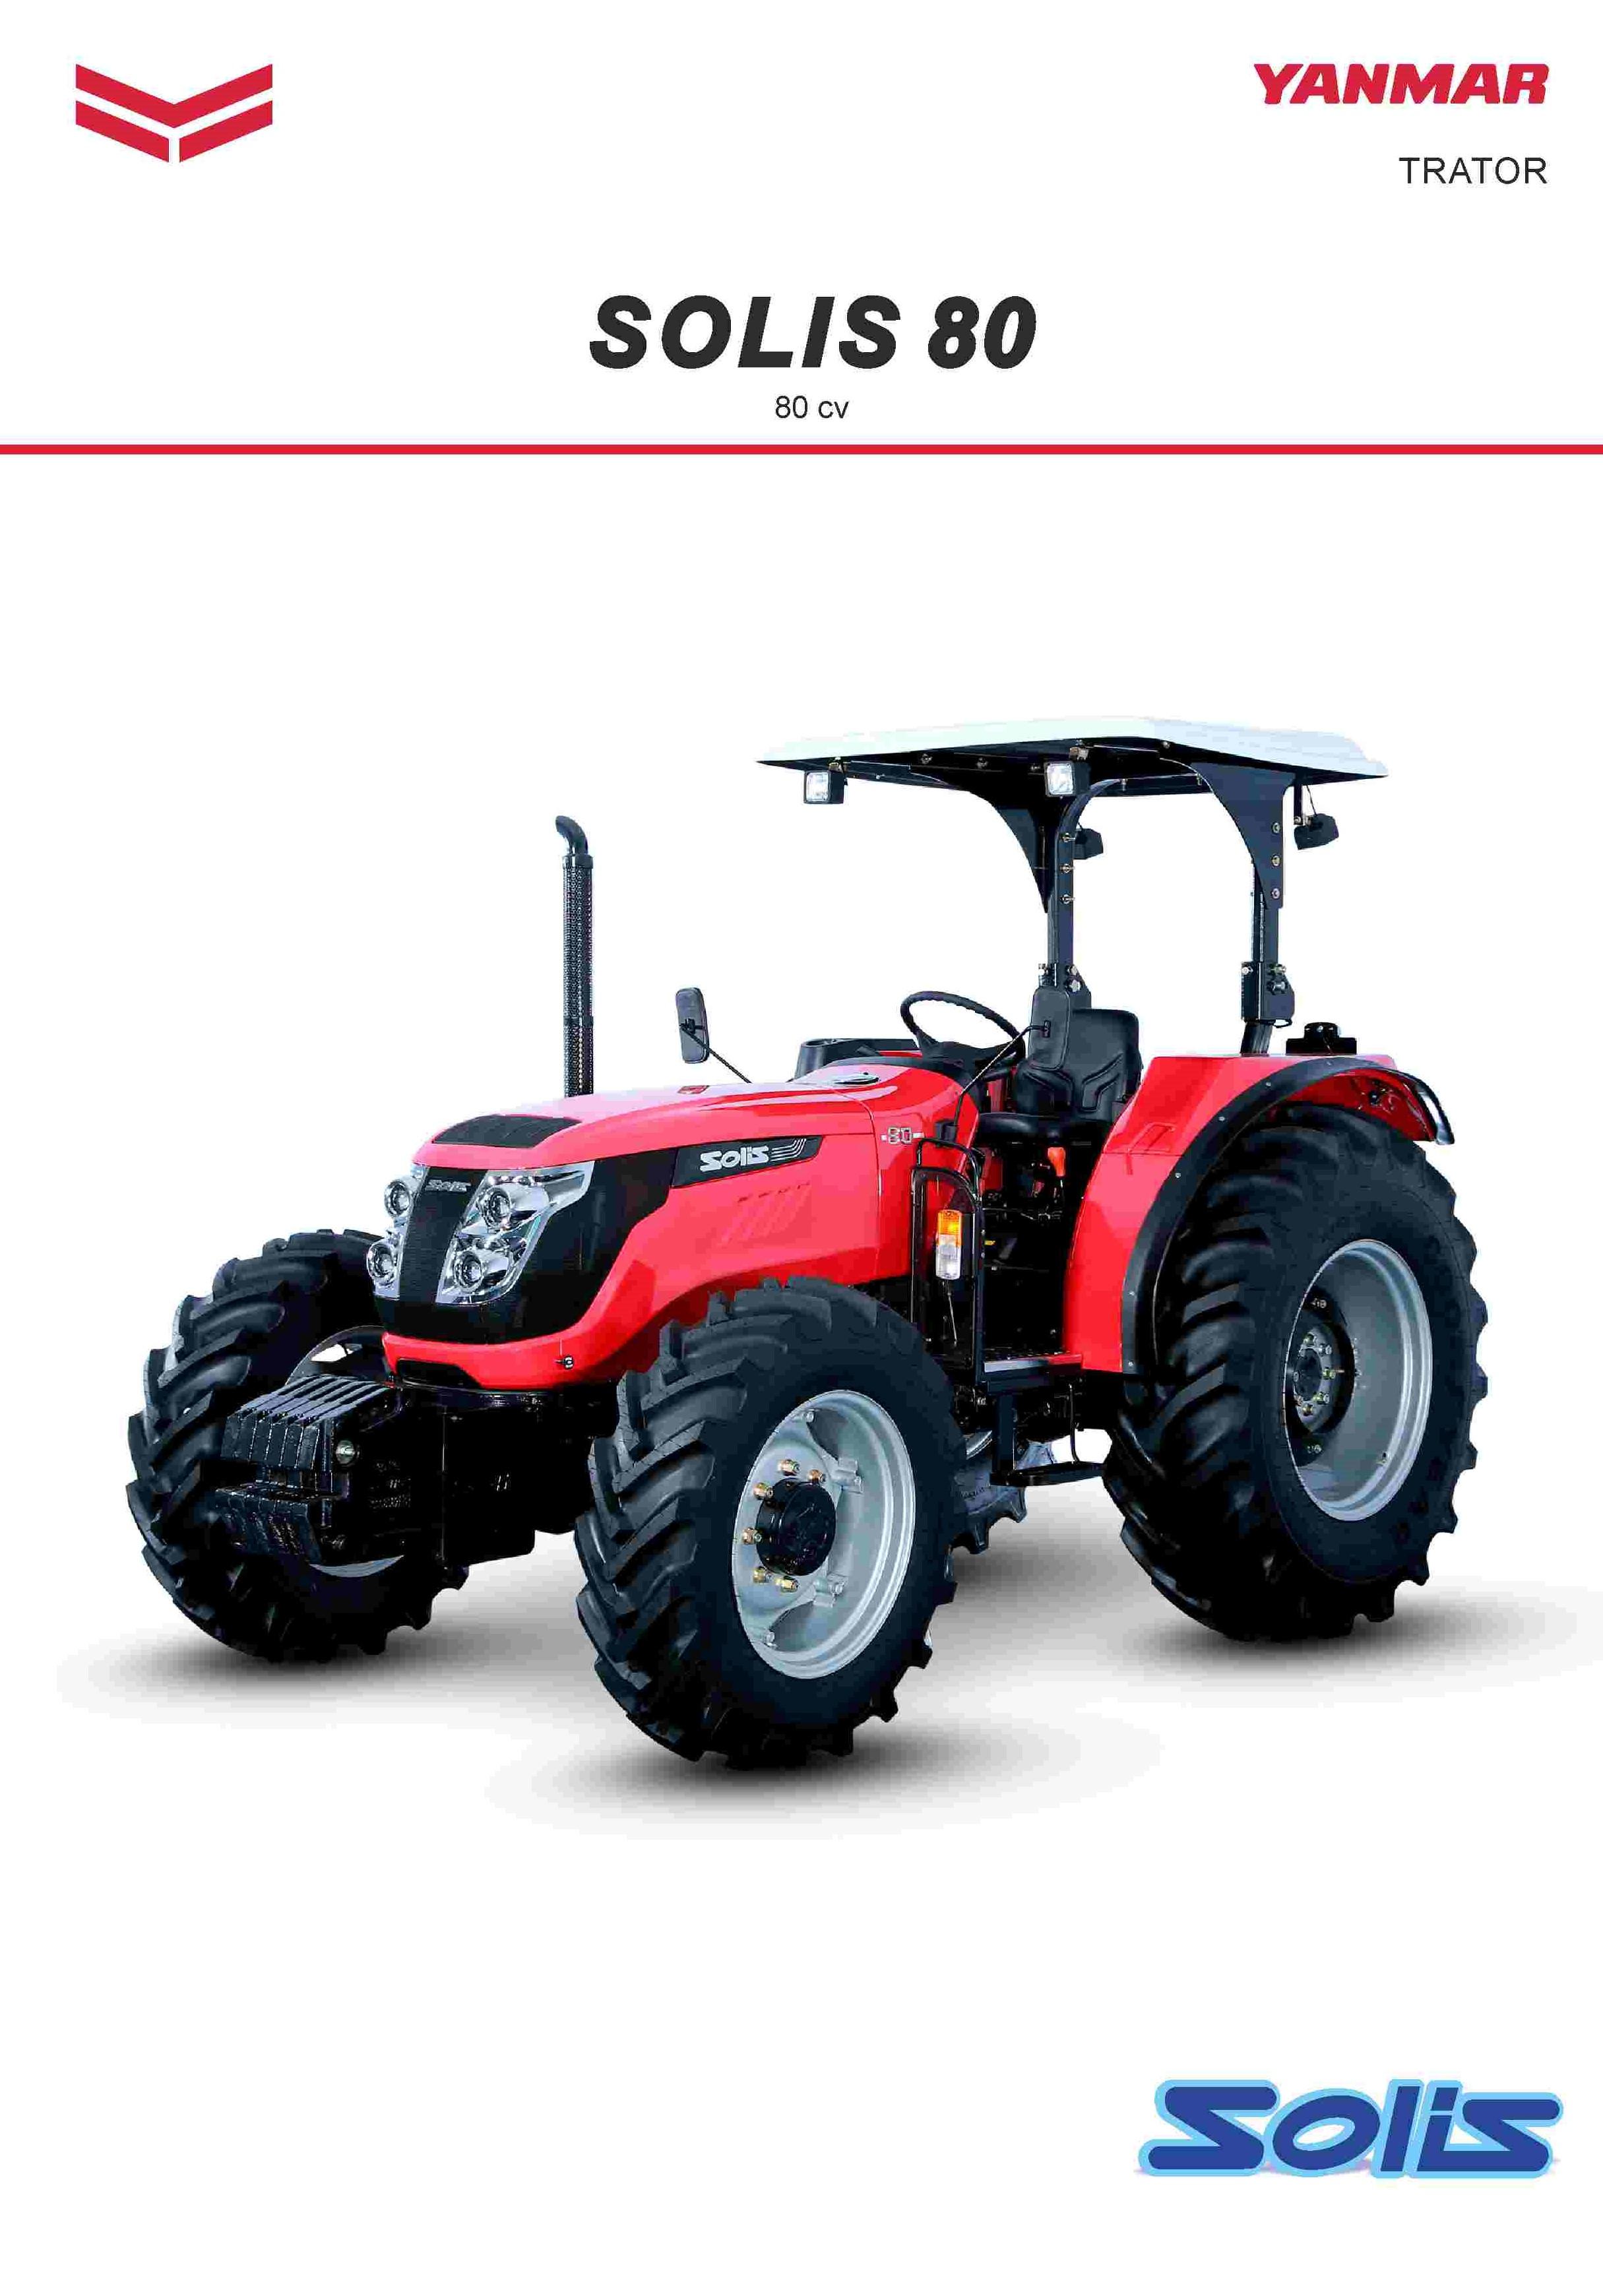 Solis 80 - Facelift